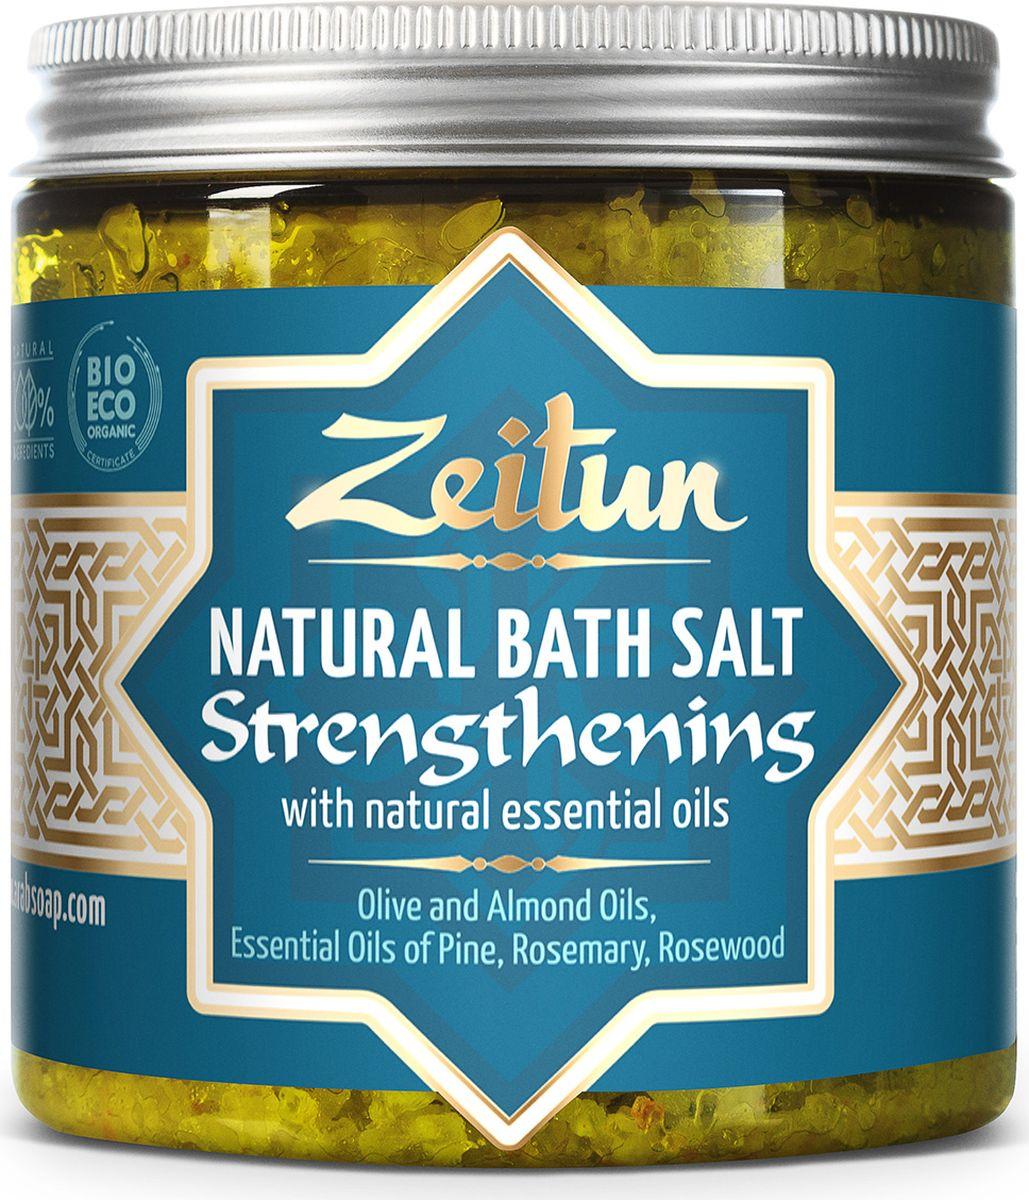 """Зейтун Аромасоль для ванны для подтяжки кожи, 250 млZ2110Ароматизированная соль для ванн Зейтун """"Лифтинг"""" содержит экстракт опунции, эфирное масло грейпфрута и комплекс морских минералов, которые великолепно тонизируют, активизируют биологические процессы, возвращают коже эластичность, гладкость и нейтрализуют воздействие свободных радикалов.Основа из солей Мертвого моря и Индийского океана обеспечивает коже самое богатое микроэлементное питание и оздоровление, а гидрофильные масла оливы и миндаля глубоко увлажняют, полностью впитываясь и не оставляя масляных разводов на воде.Компоненты:Соль Мертвого моряСоль Индийского океанаЭкстракт опунцииЭфирное масло грейпфрутаГидрофильные масла (оливковое, миндальное)"""